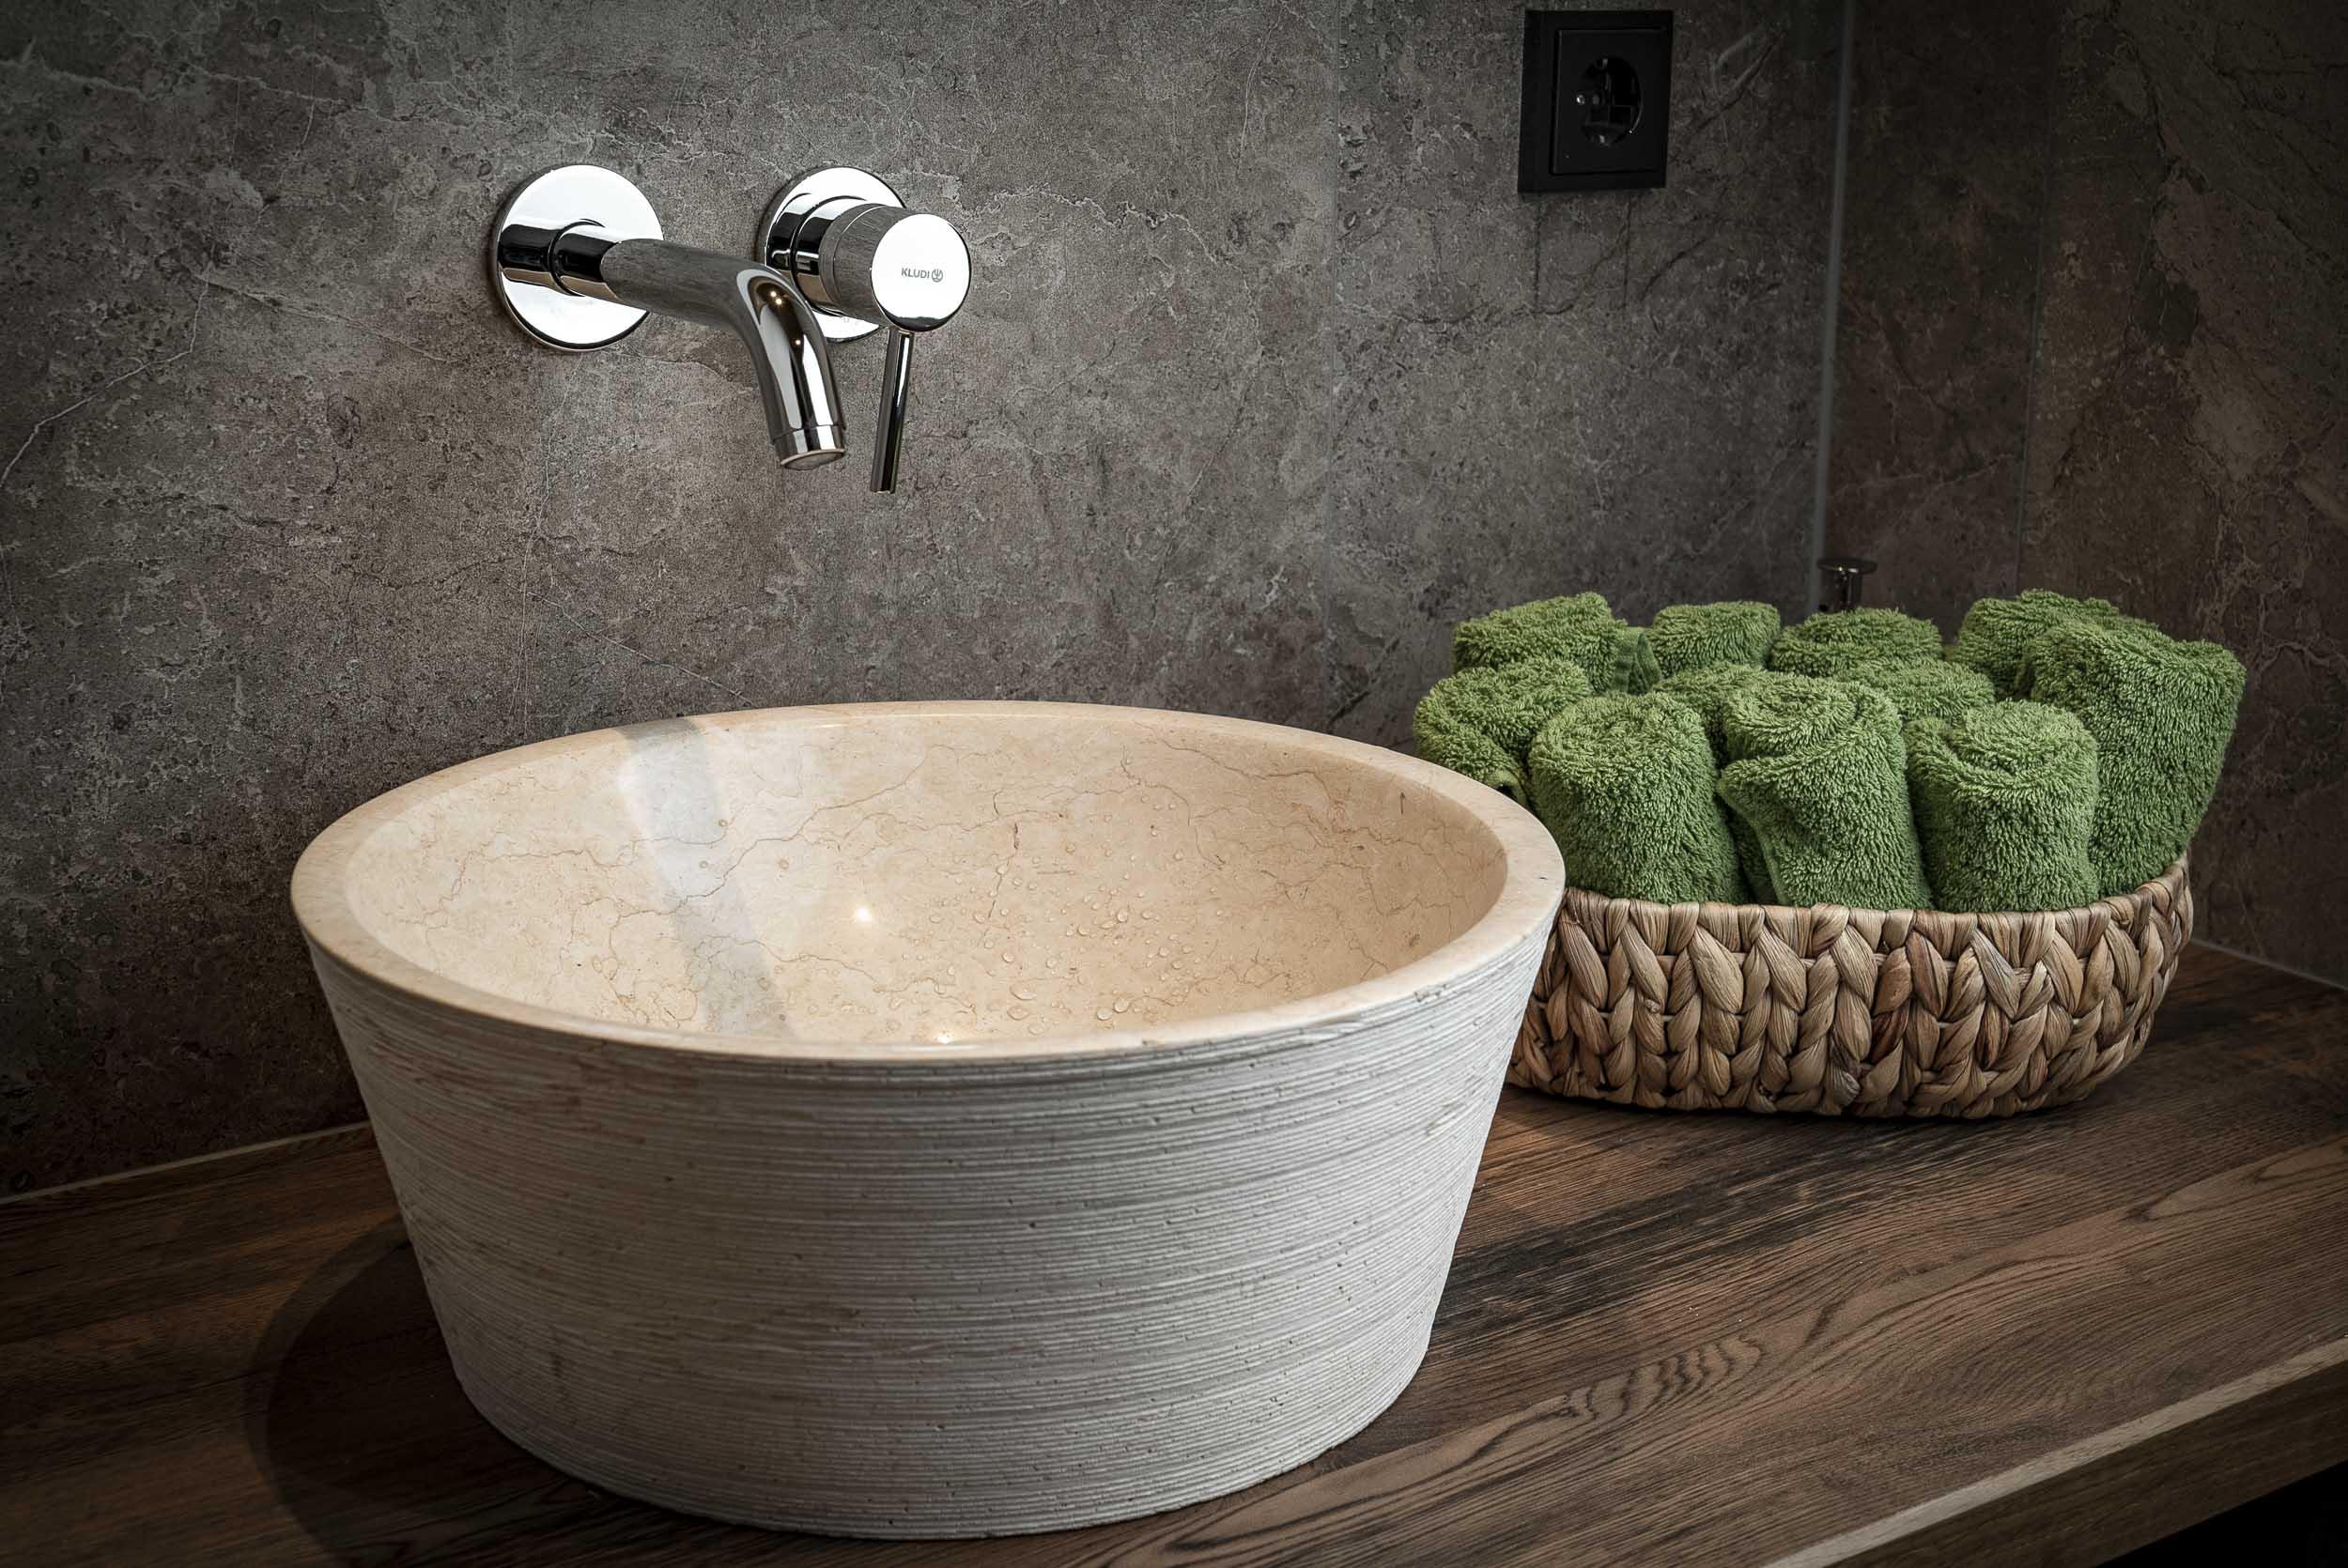 Waschbecken und Handtücher in Annas Saunabereich.